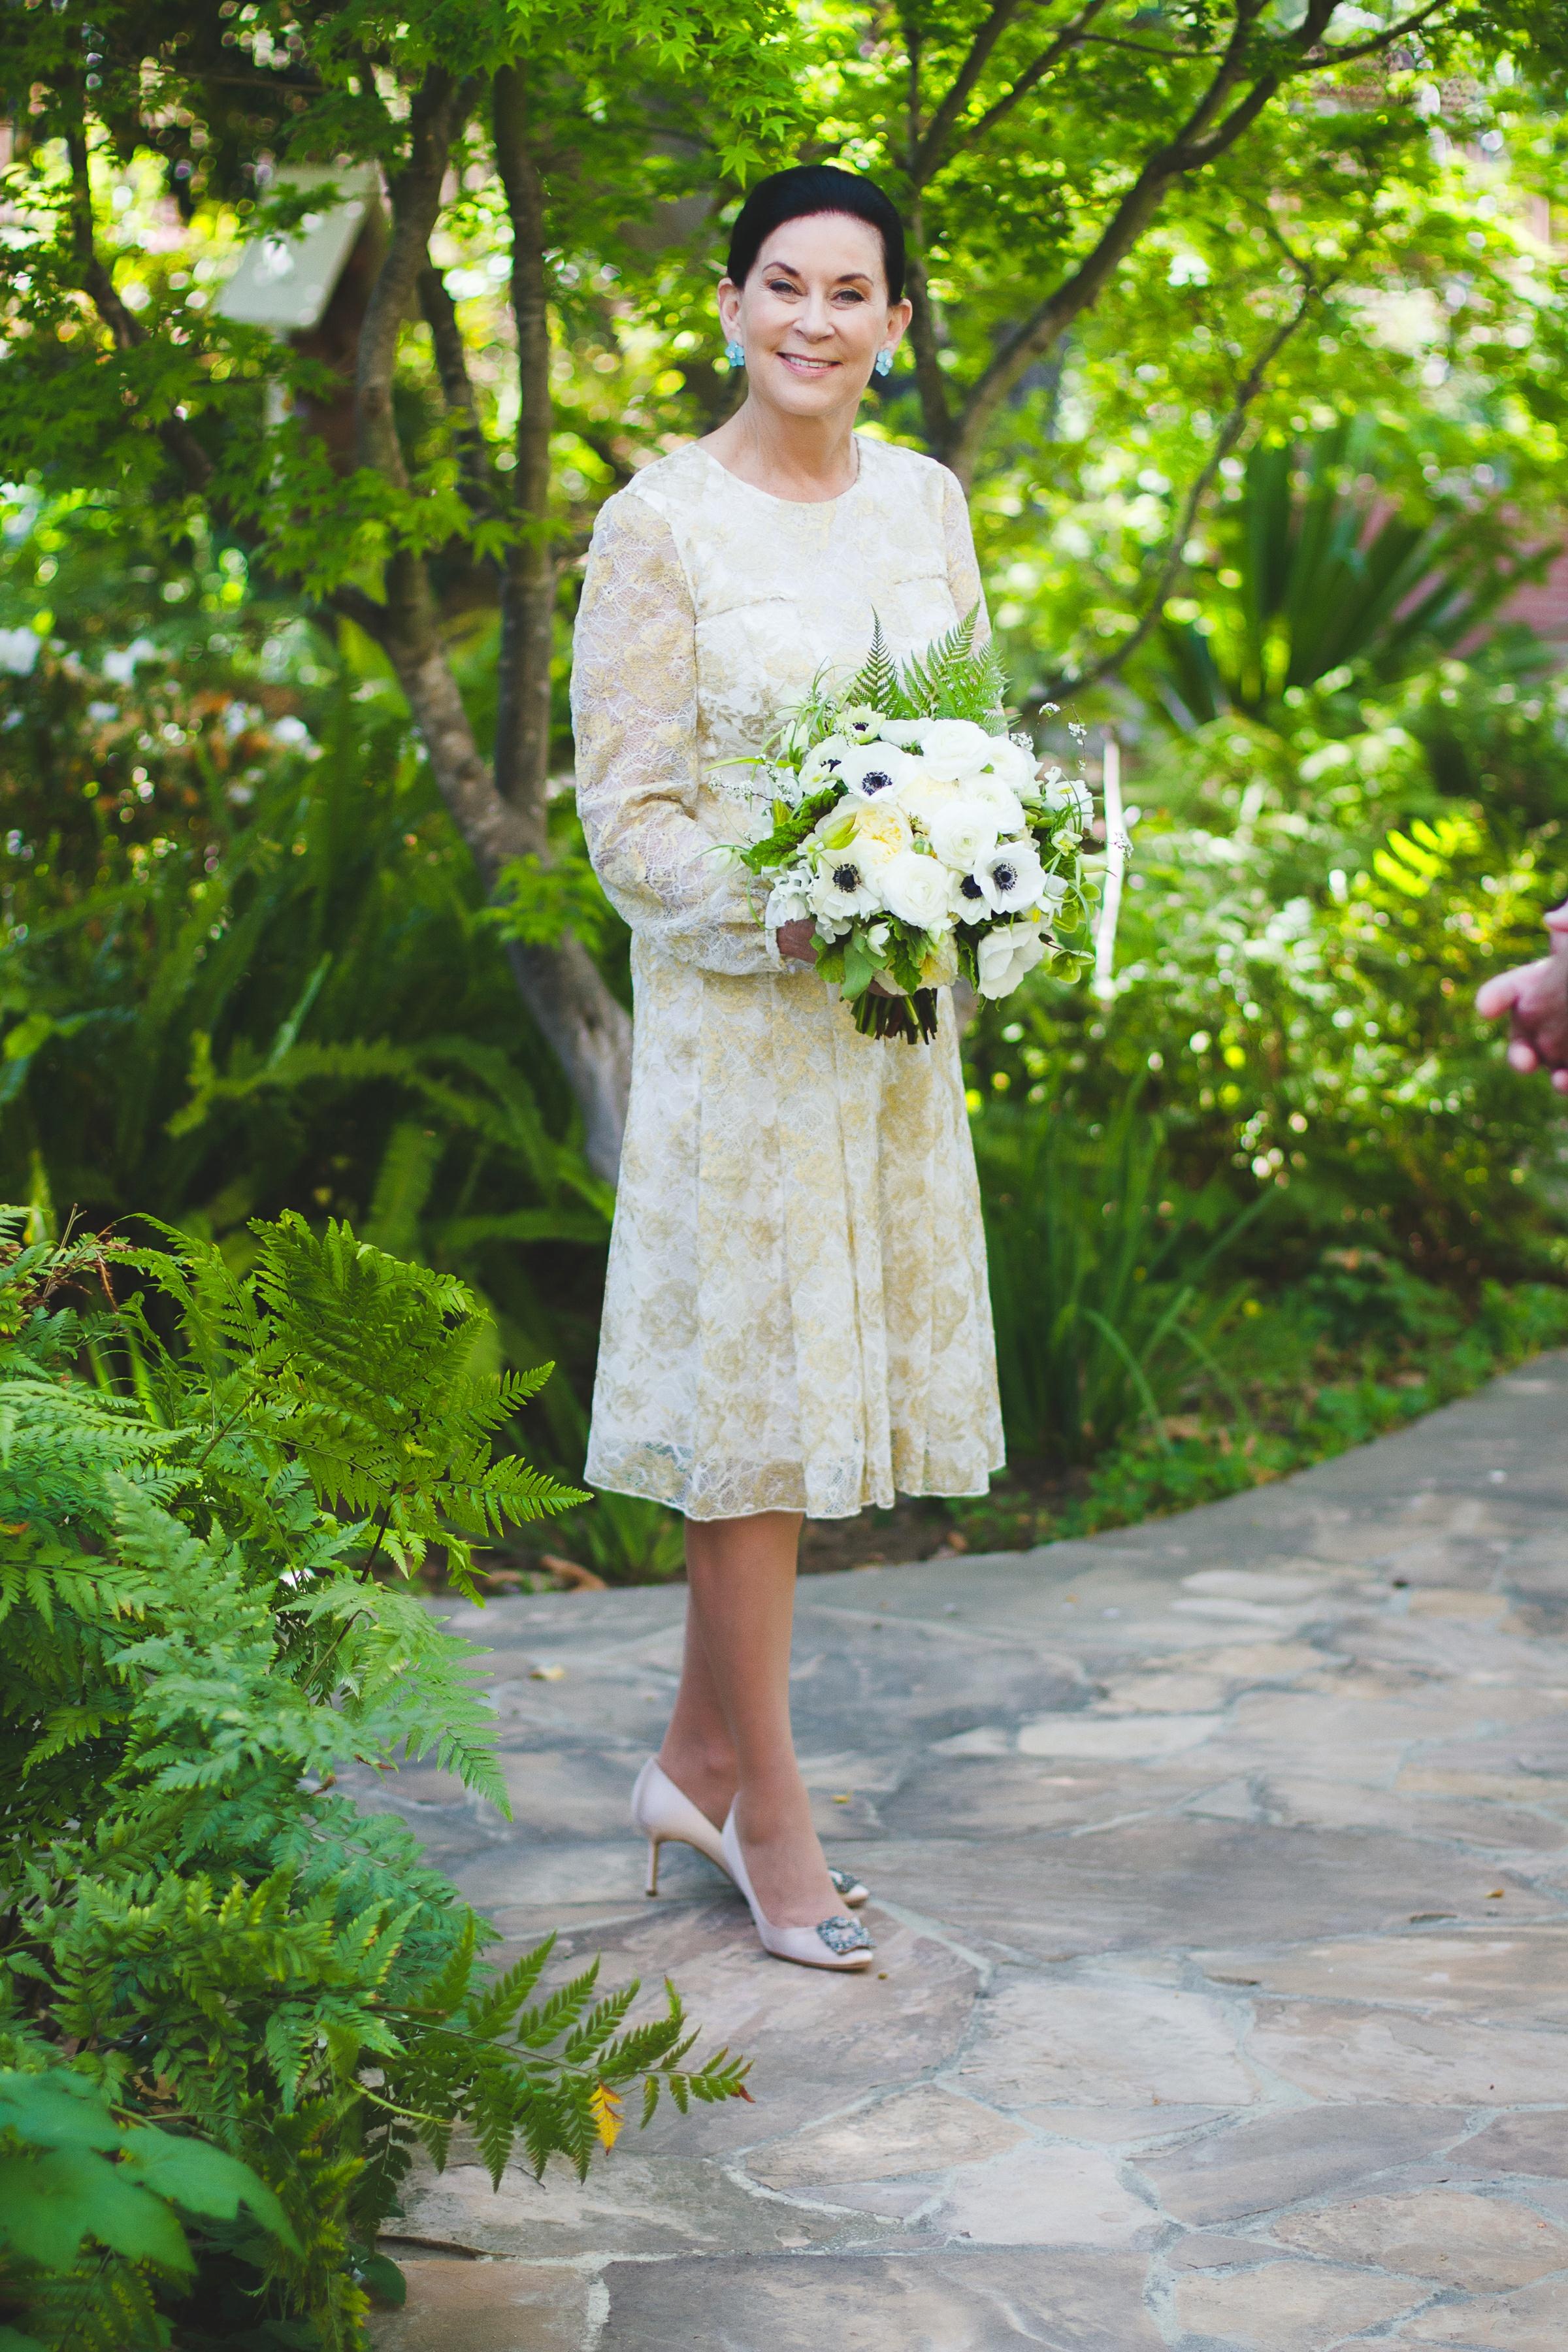 013 - bride & bouquet.jpg